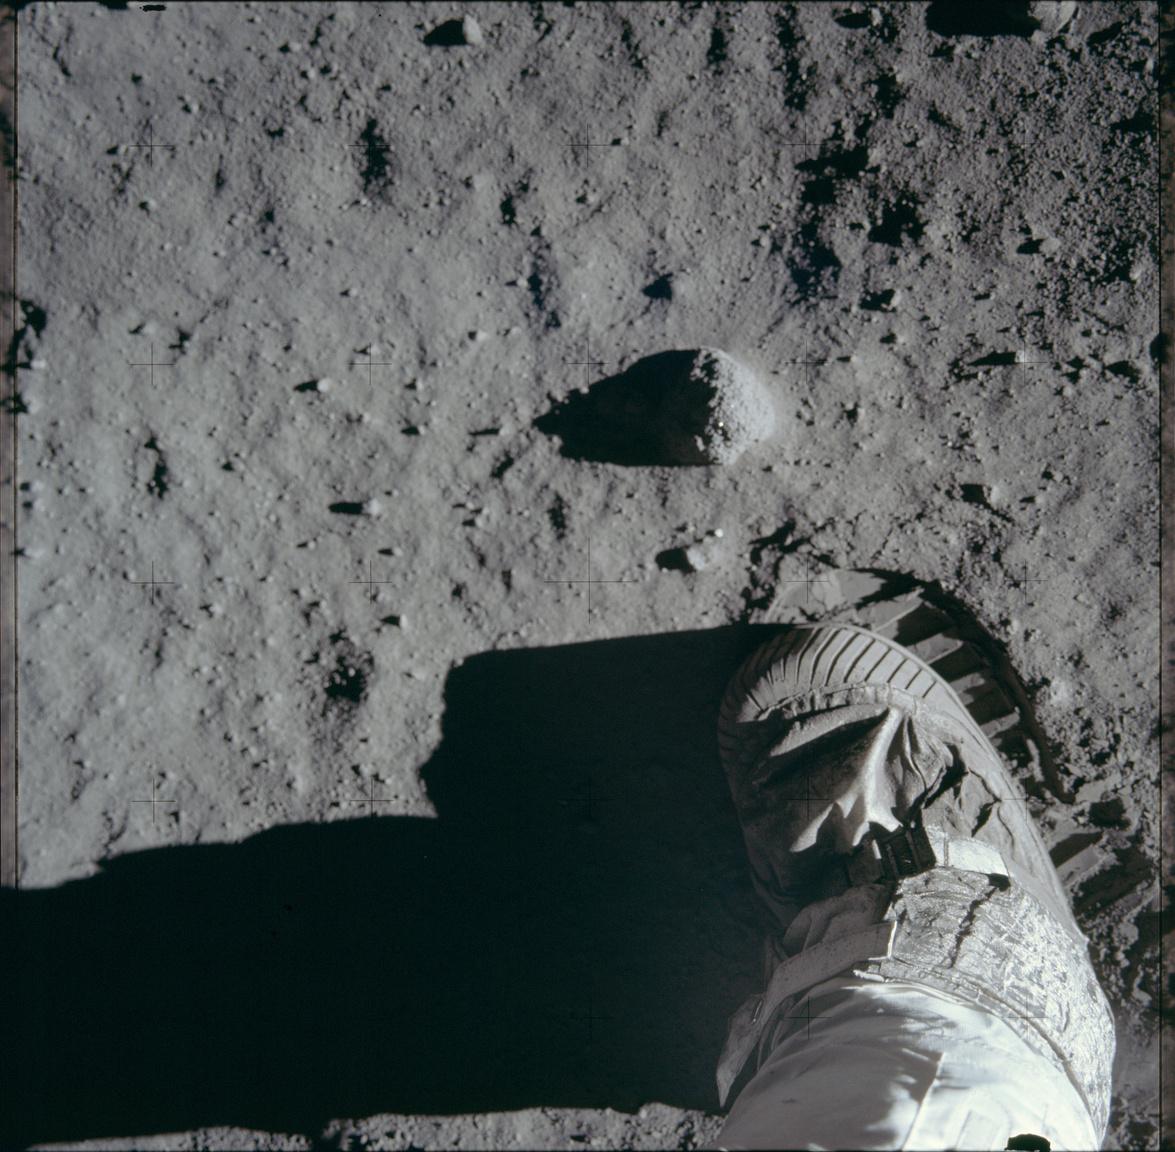 Egy eredeti NASA-fotó a Holdon tett első lépések egyikéről. Aldrin több hasonló képpel is kísérletezett, a Hold porába nyomott csizmalábnyomról készült fotója egyike az Apollo-11 ikonikus képeinek.